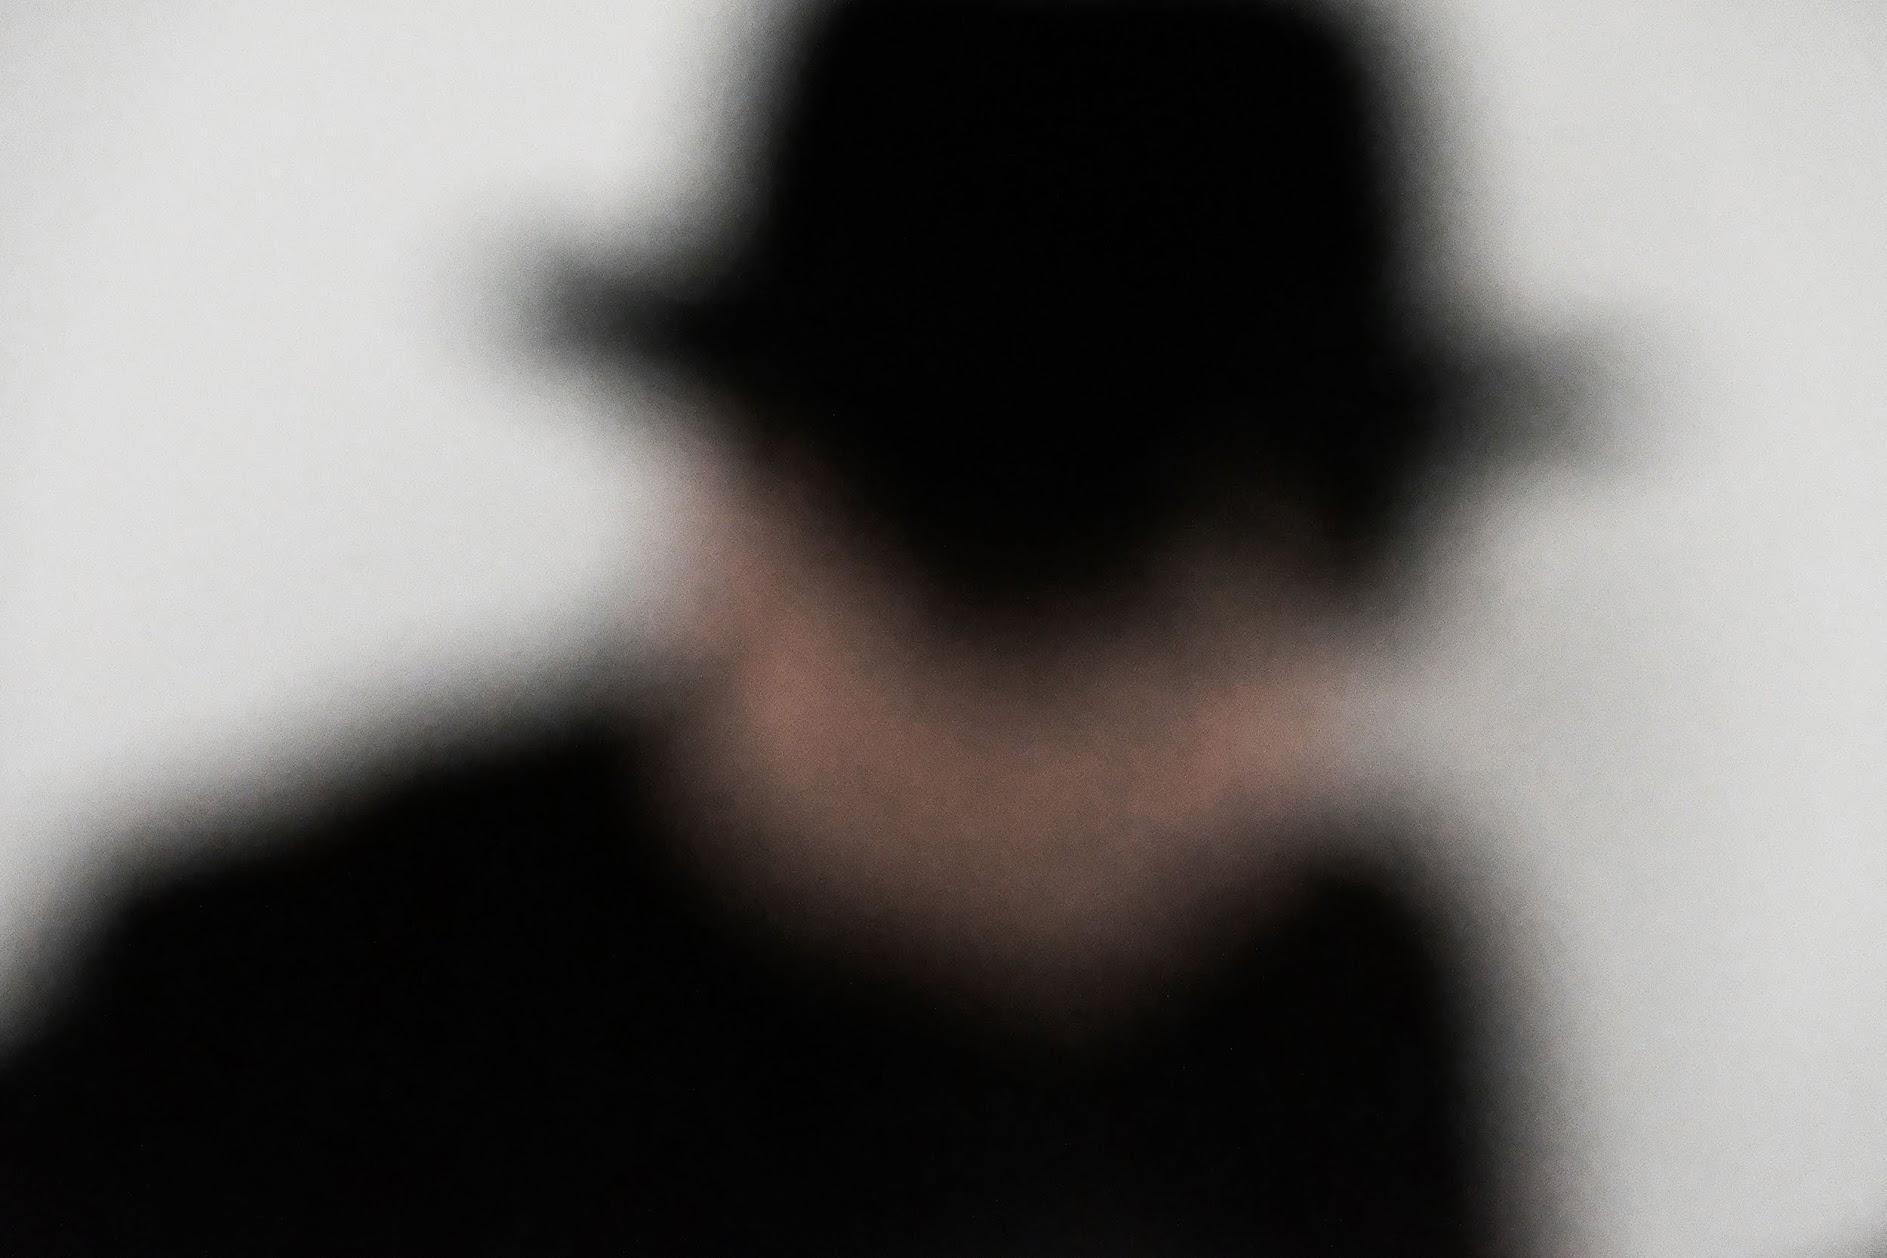 【迷迷專訪】涉谷系實驗音樂鬼才 Cornelius 小山田圭吾 本周來台開唱 爆料曾被客人塞錢